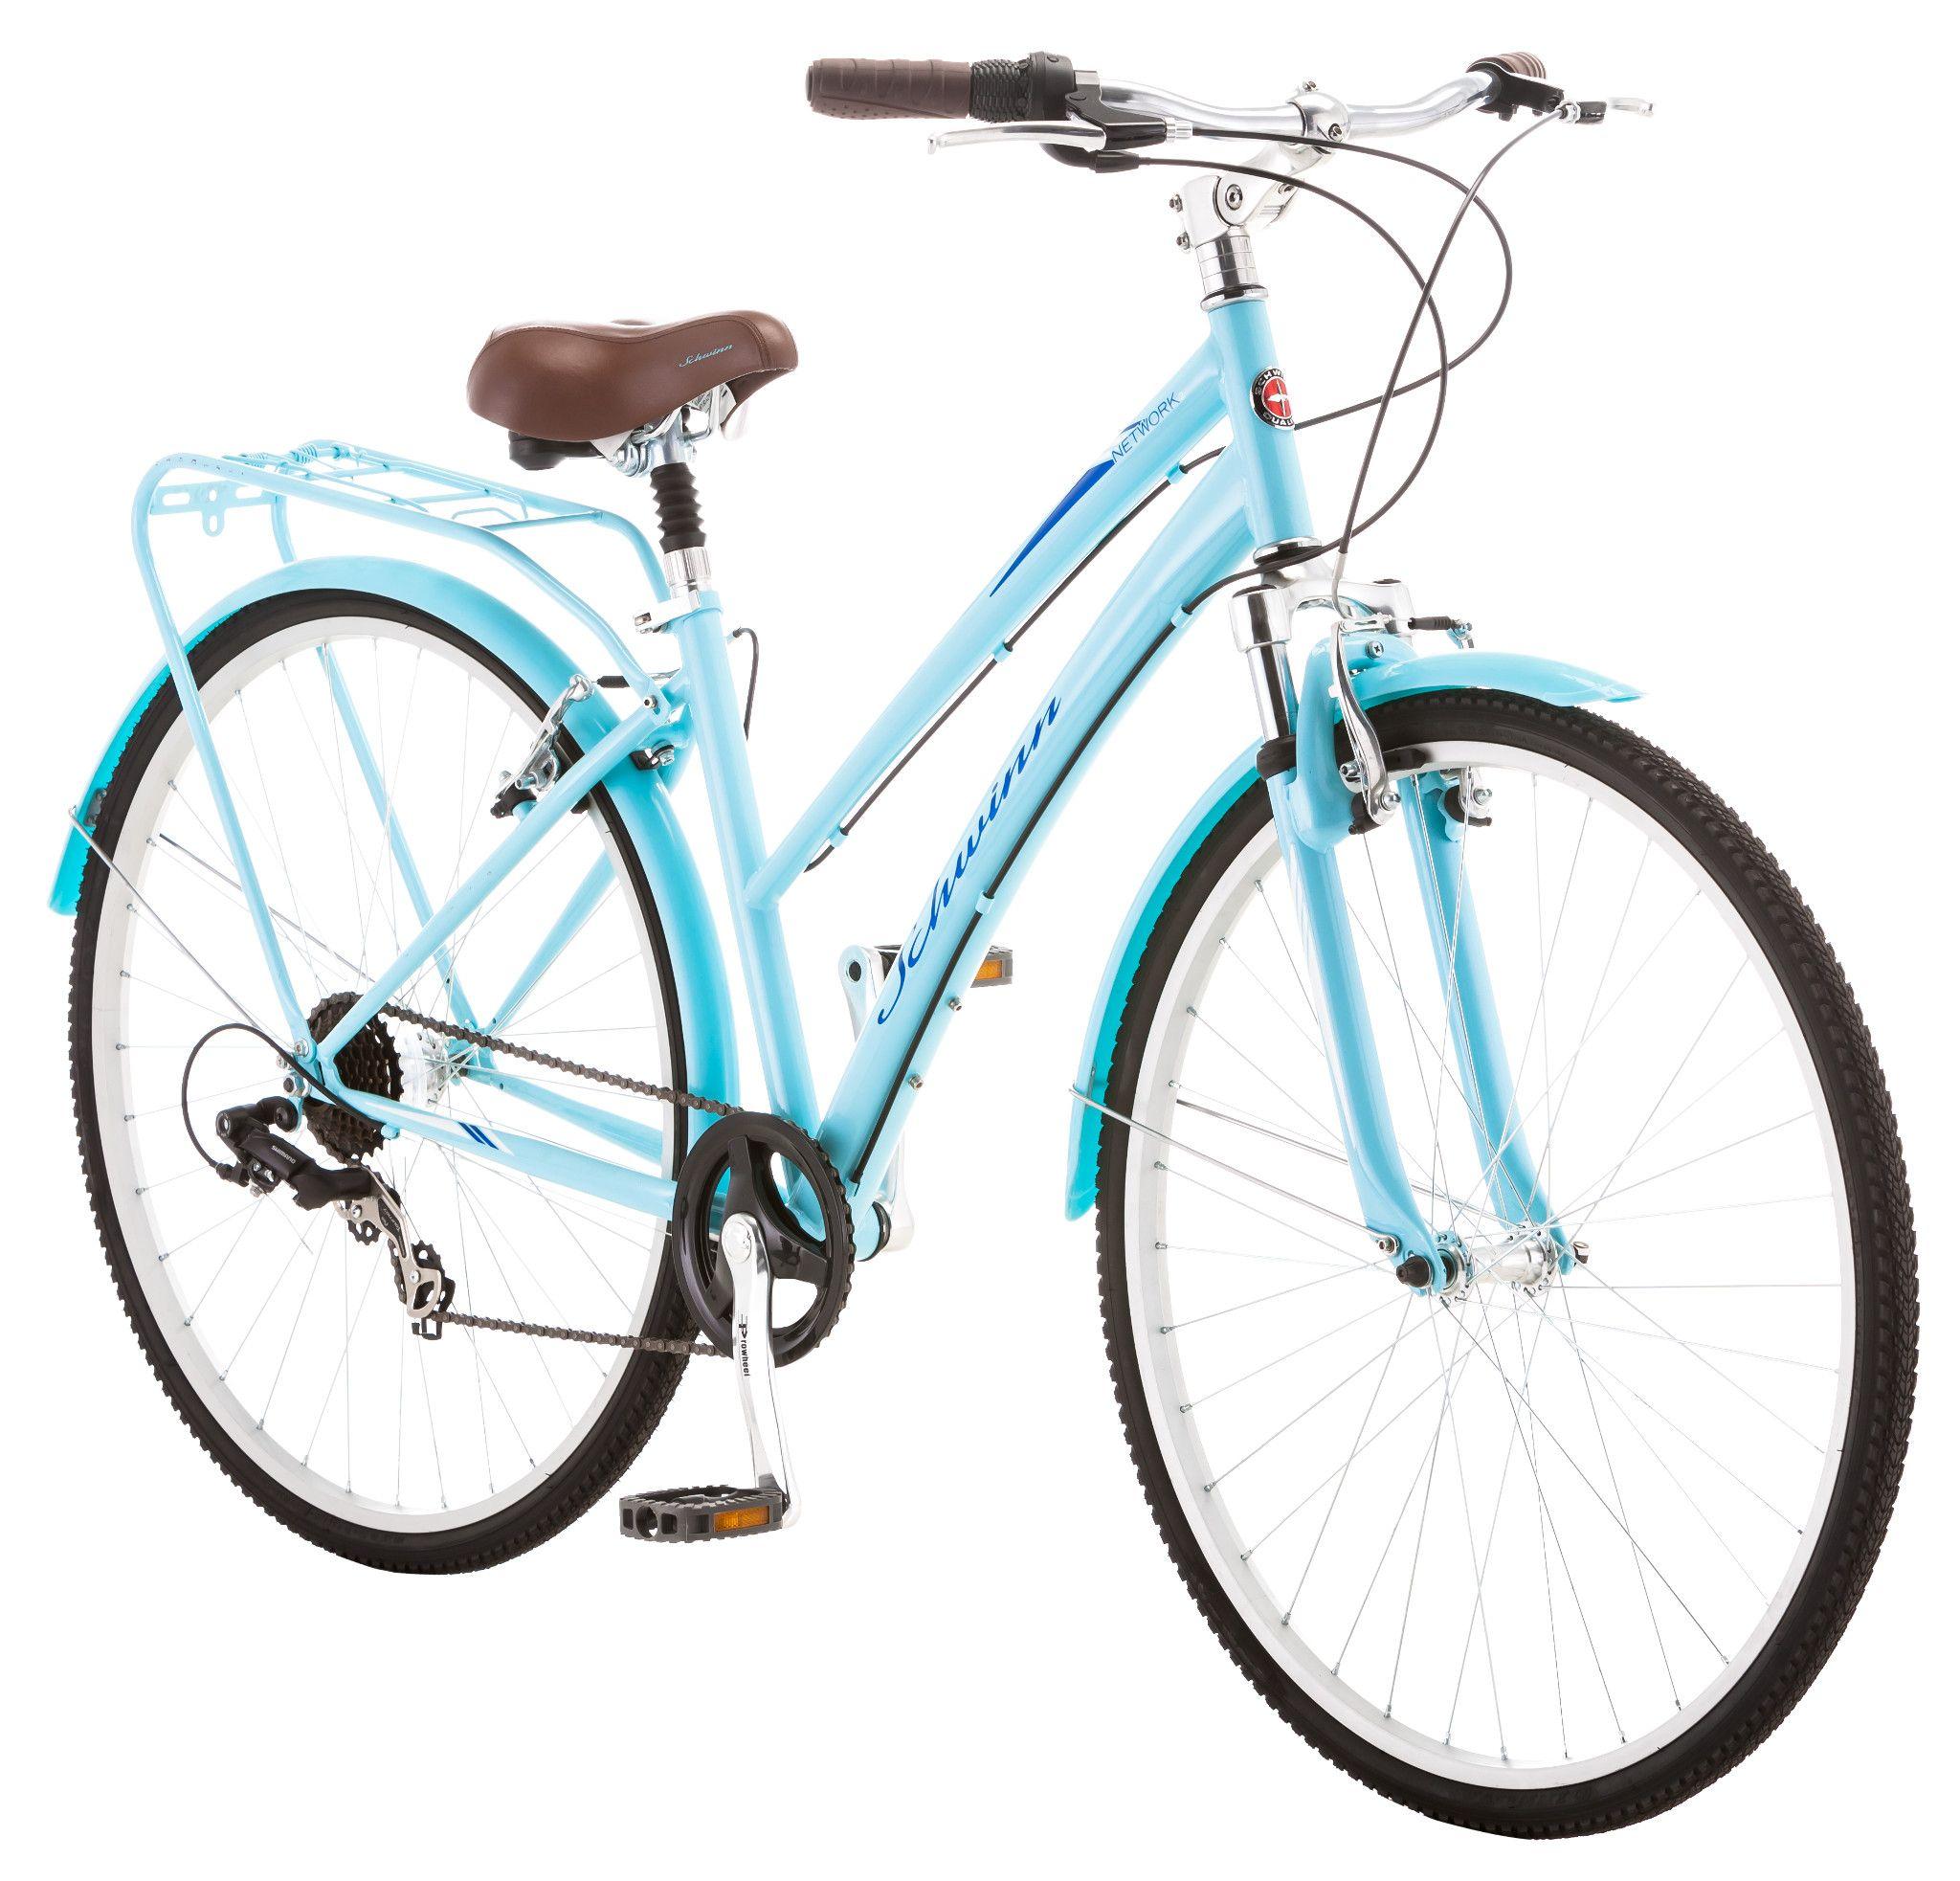 Schwinn Hybrid Folding Bike